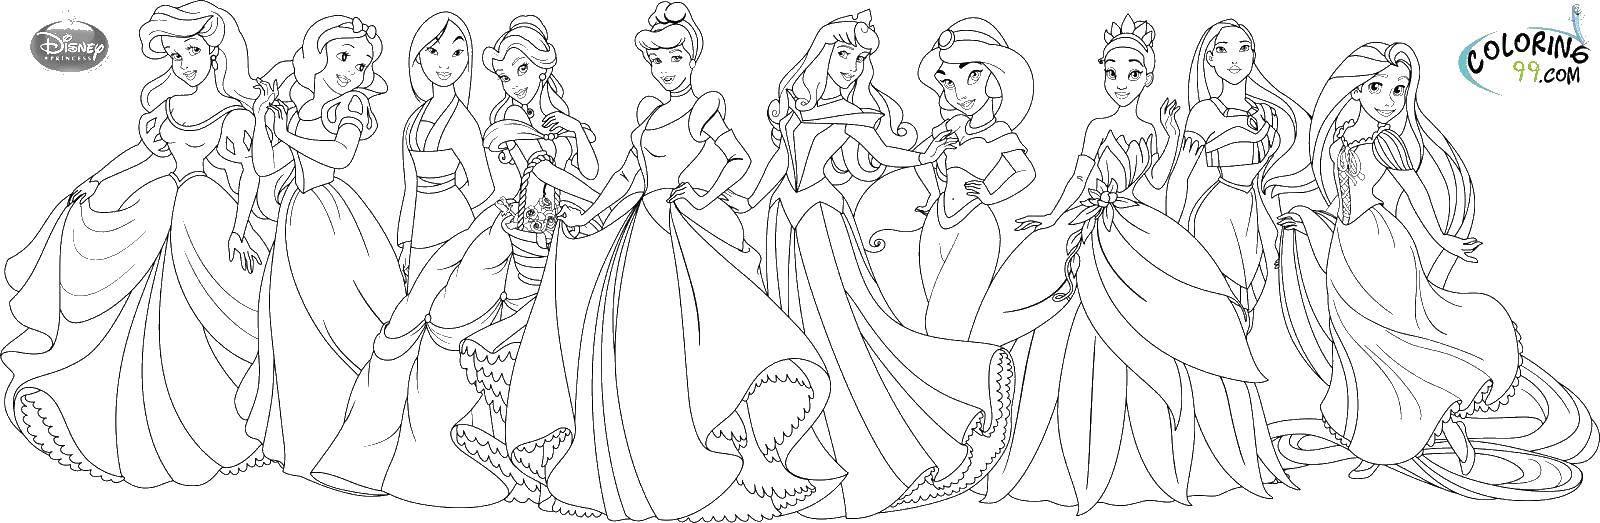 Раскраска Все принцессы диснея Скачать принцессы, дисней.  Распечатать ,Принцессы,